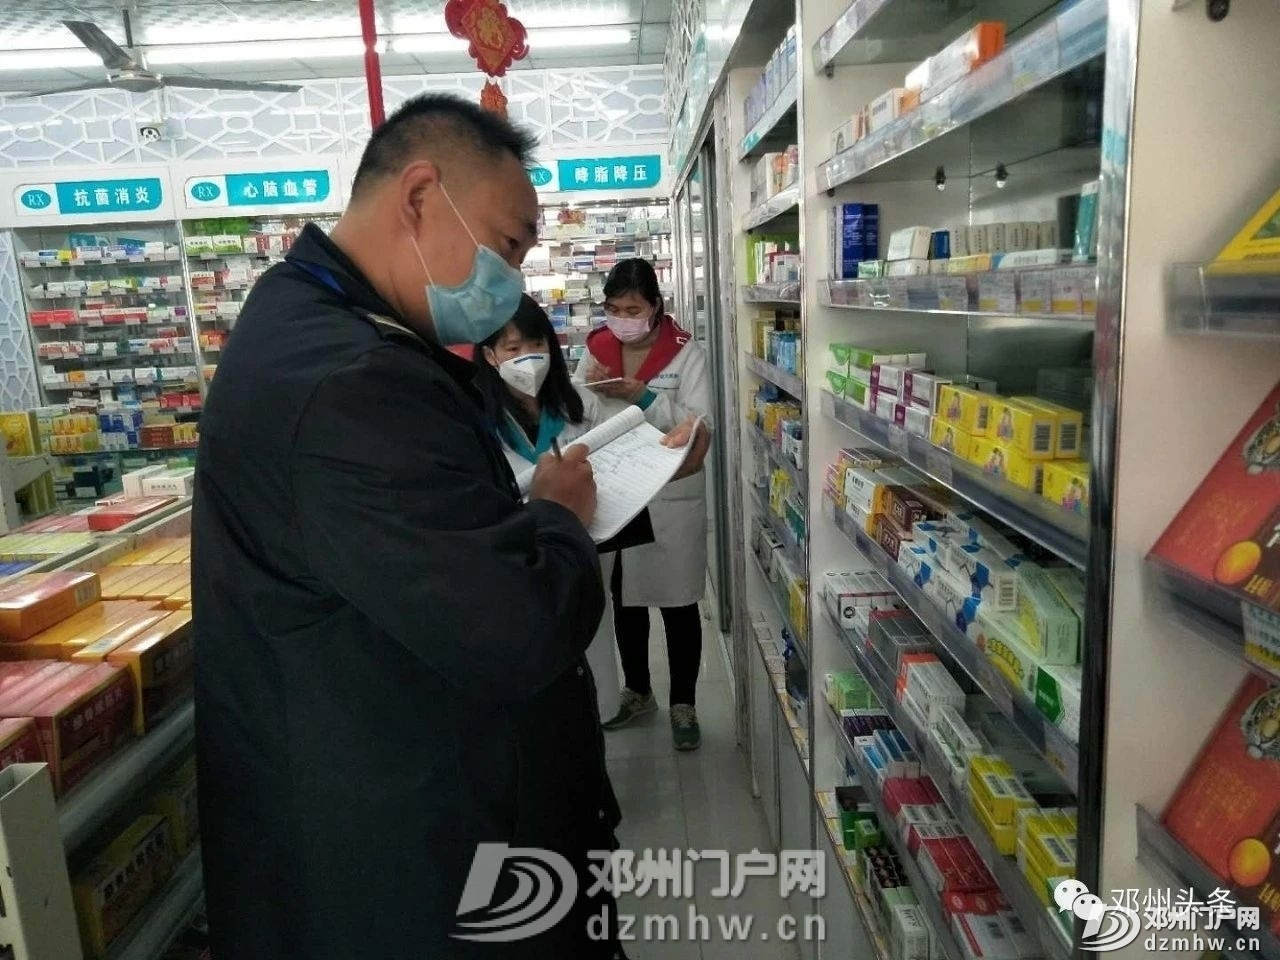 邓州人要是买到假消毒液, 就打这个电话! - 邓州门户网|邓州网 - a74ccf031e2a49ac715b51370f582dbb.jpg